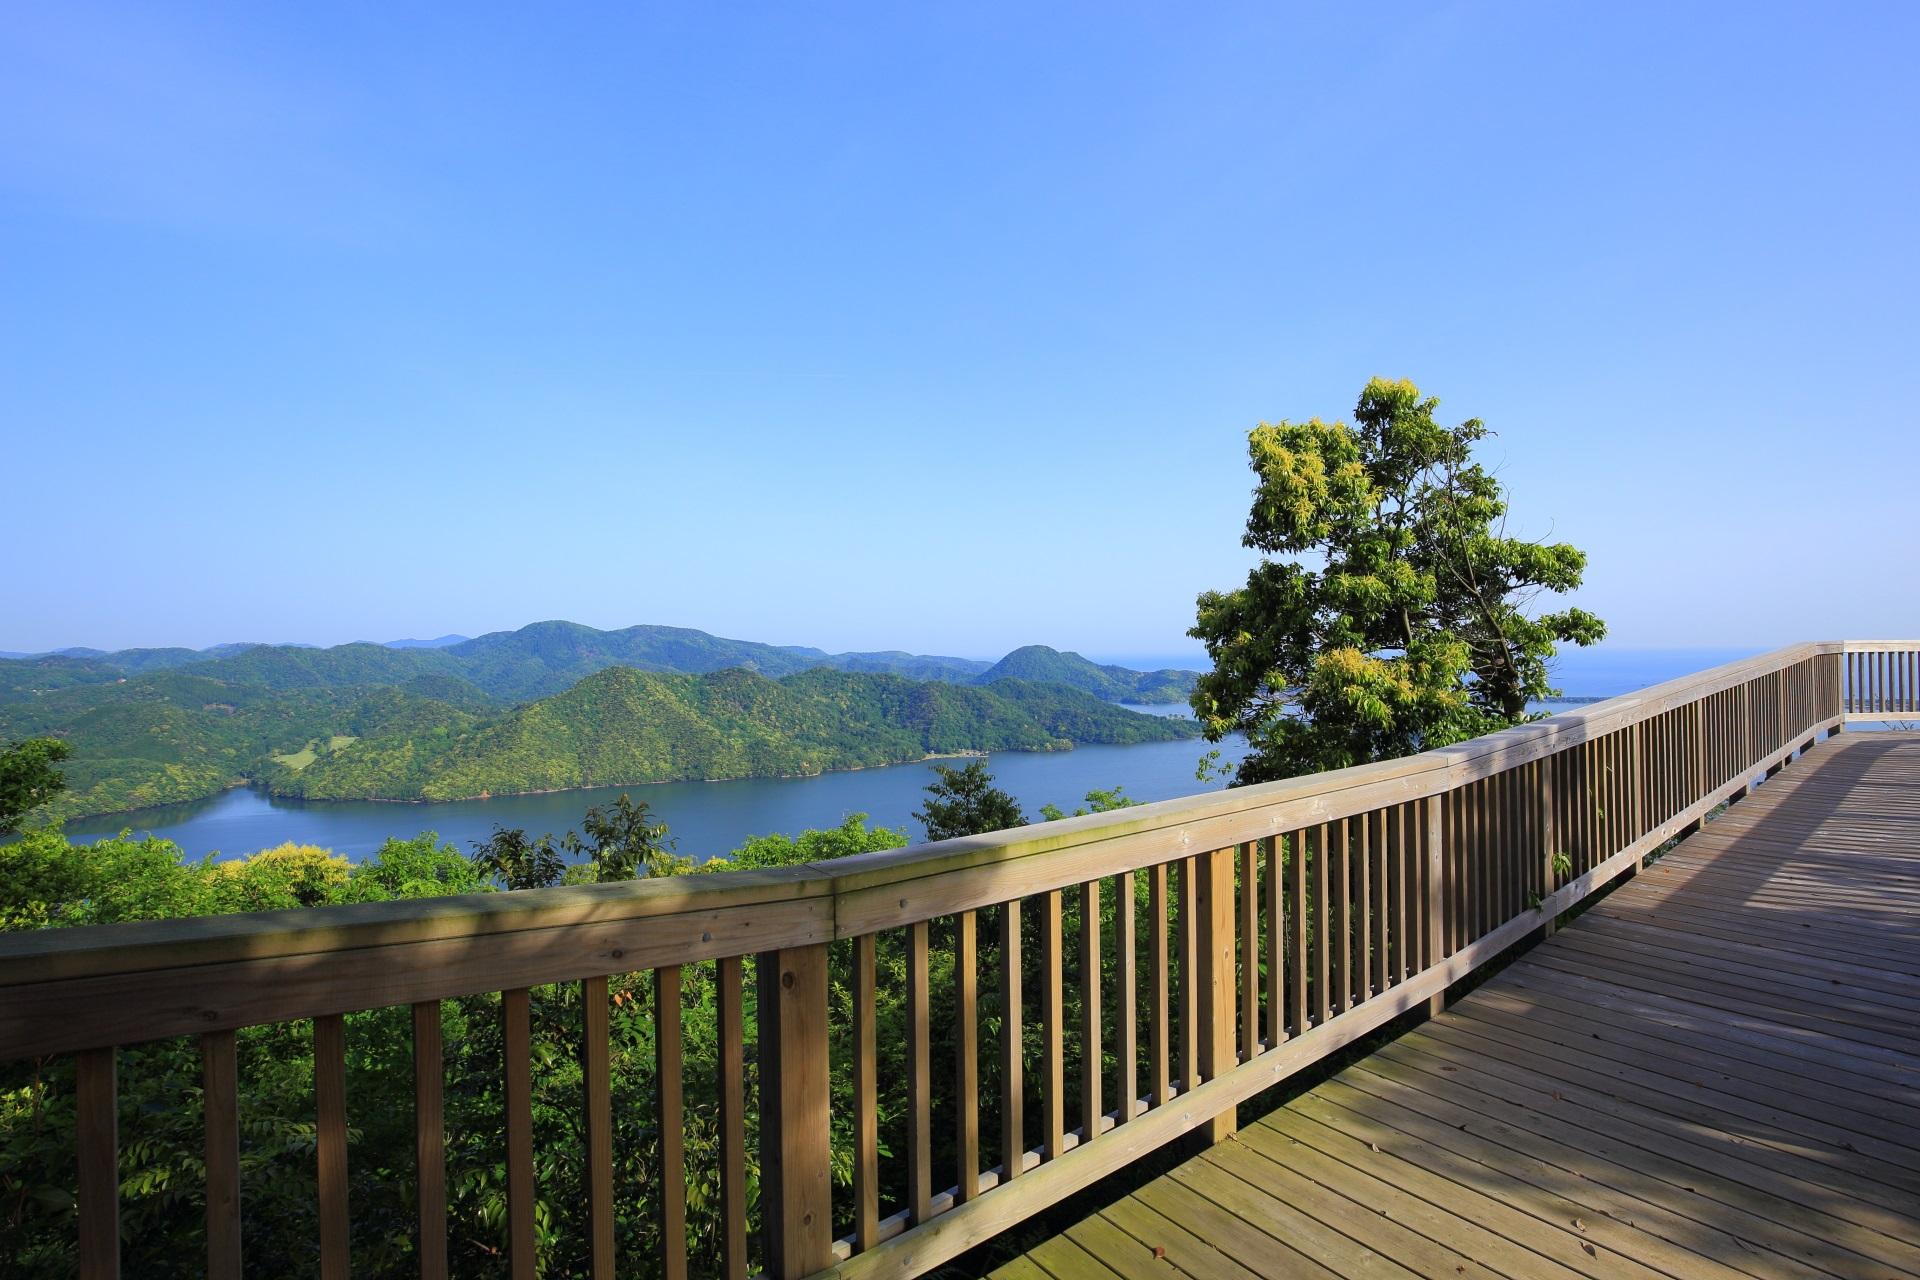 かぶと山展望台の西側の兵庫県方面